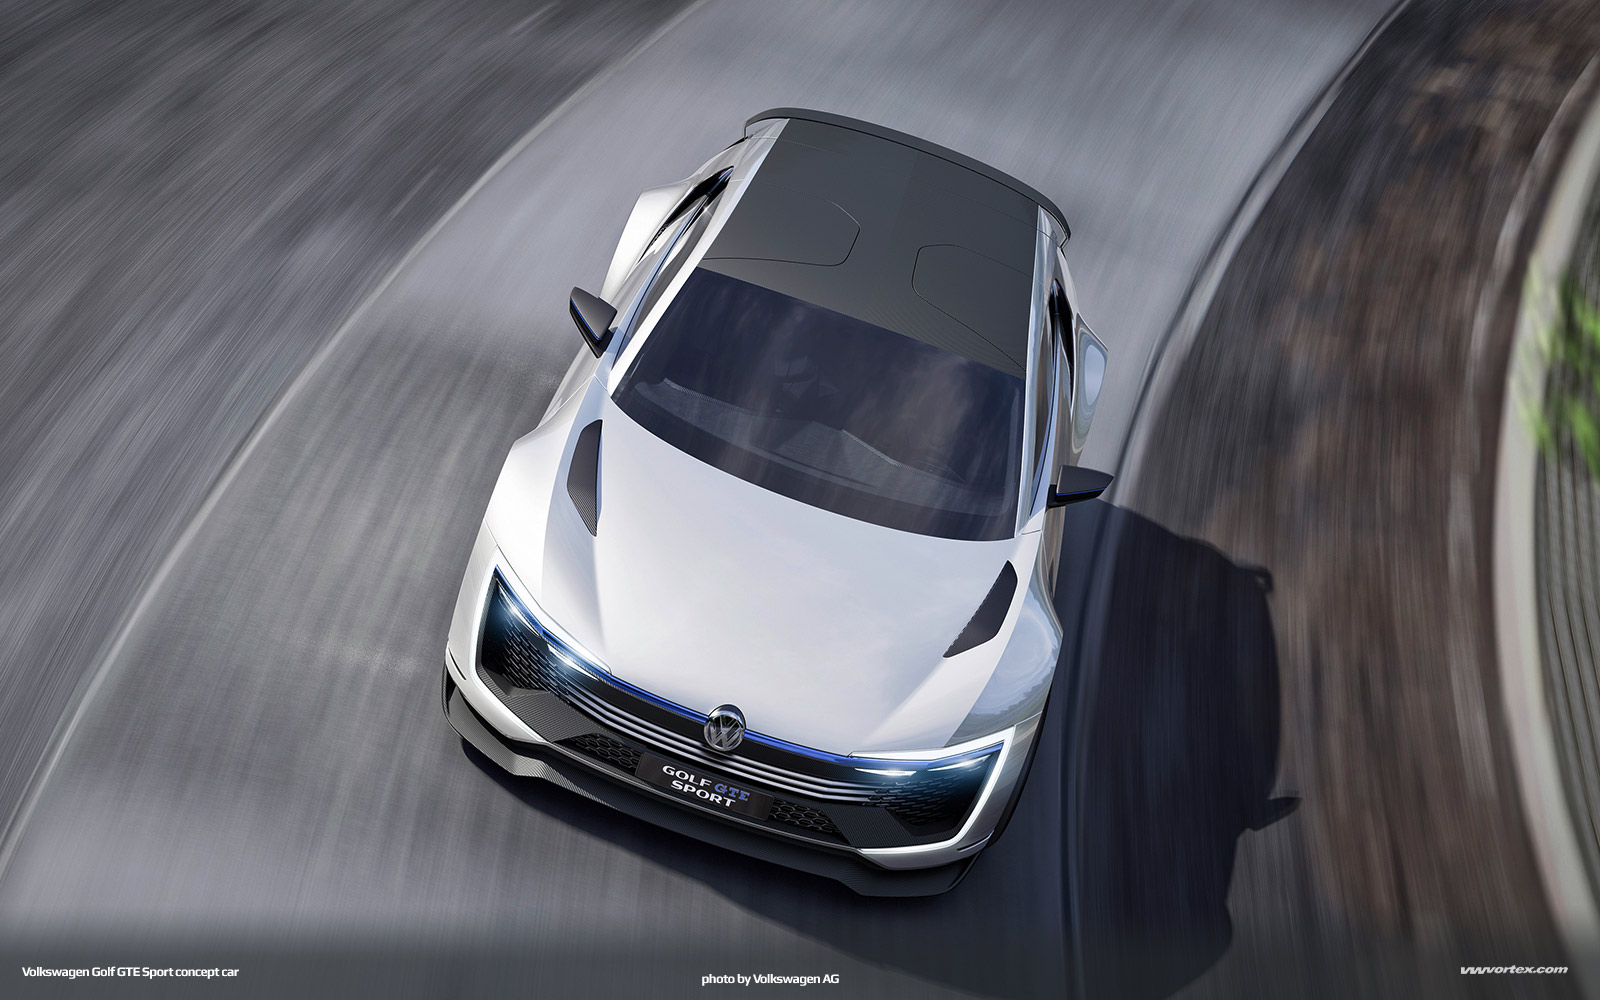 Volkswagen Golf GTE Sport concept 918 600x300